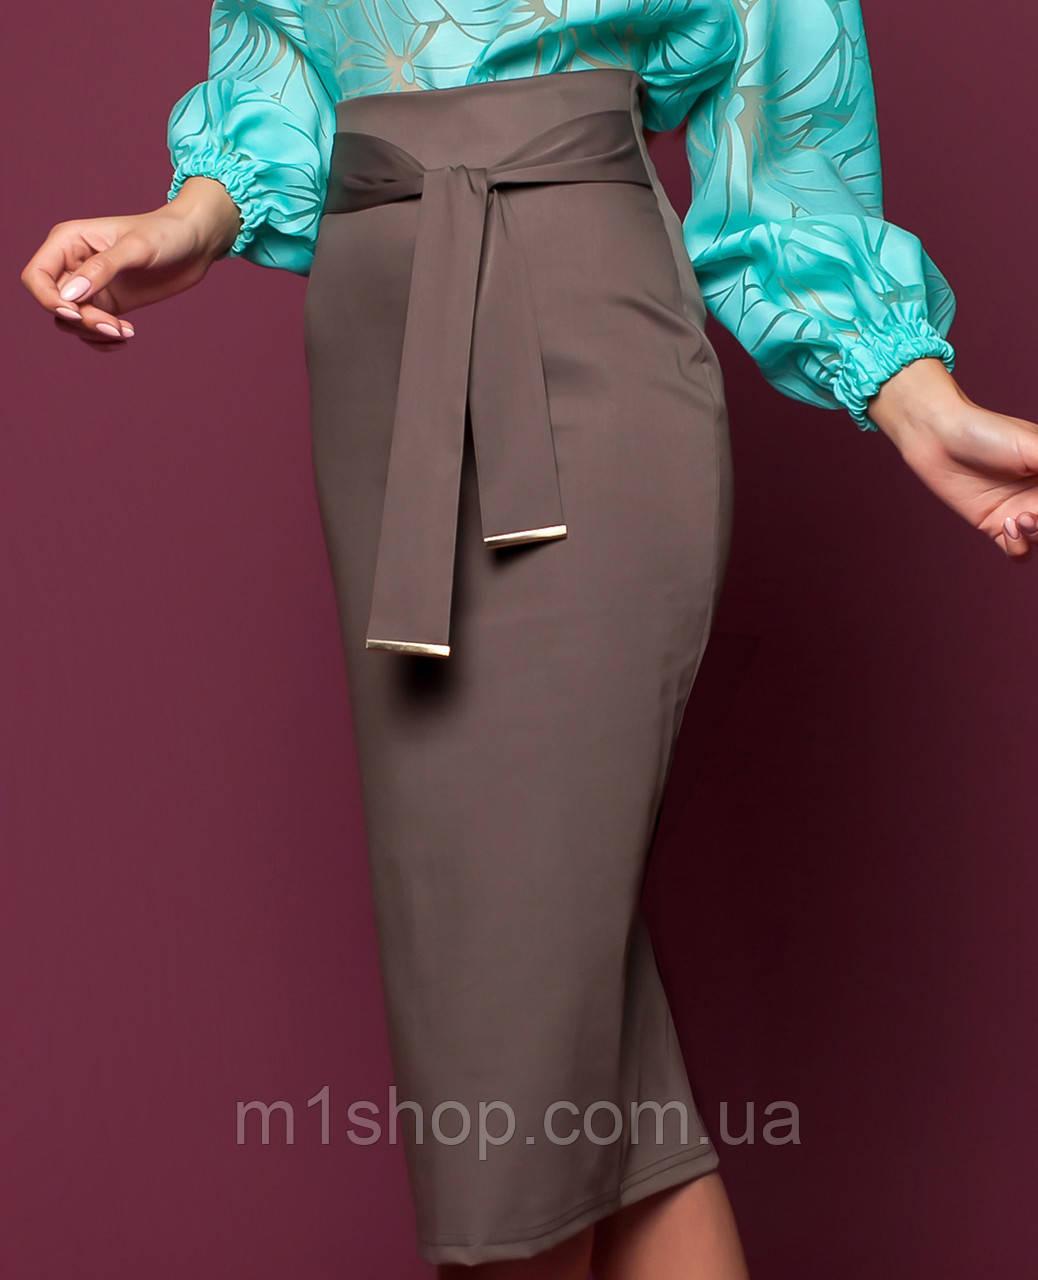 Женская узкая юбка-миди (Жаклин jd)